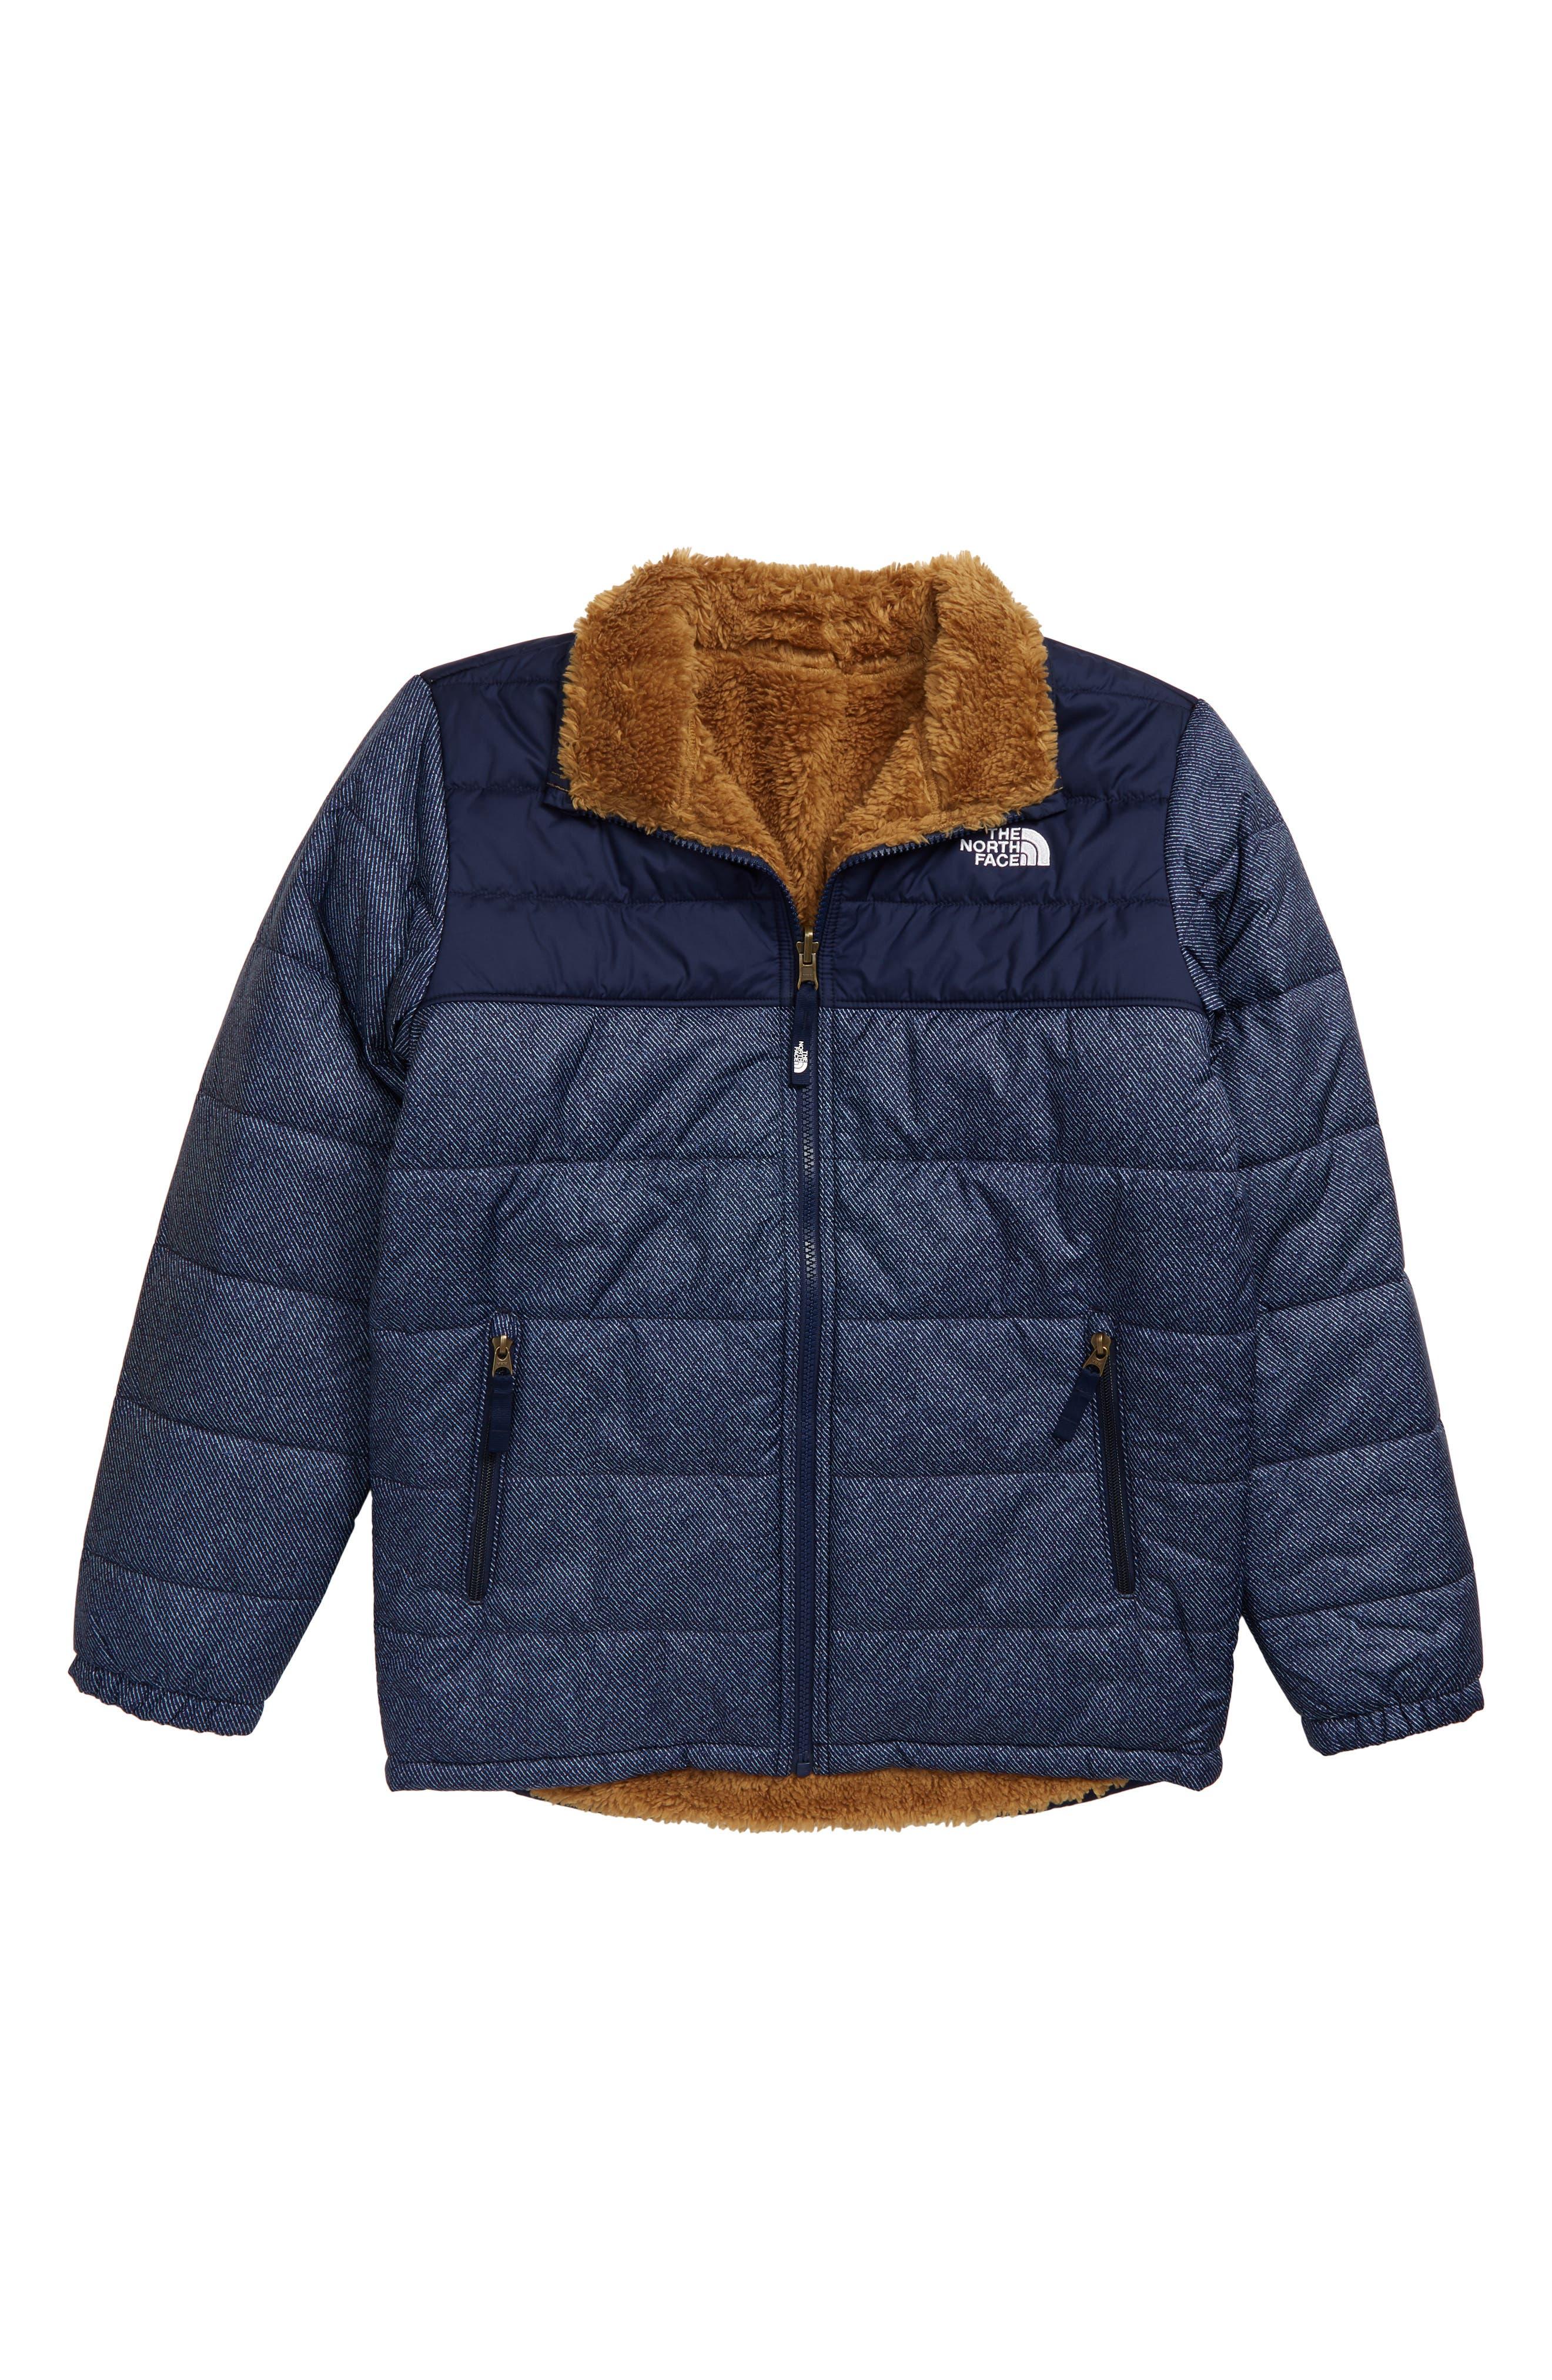 79332f56f33cf Boys' Clothing: Hoodies, Shirts, Pants & T-Shirts | Nordstrom